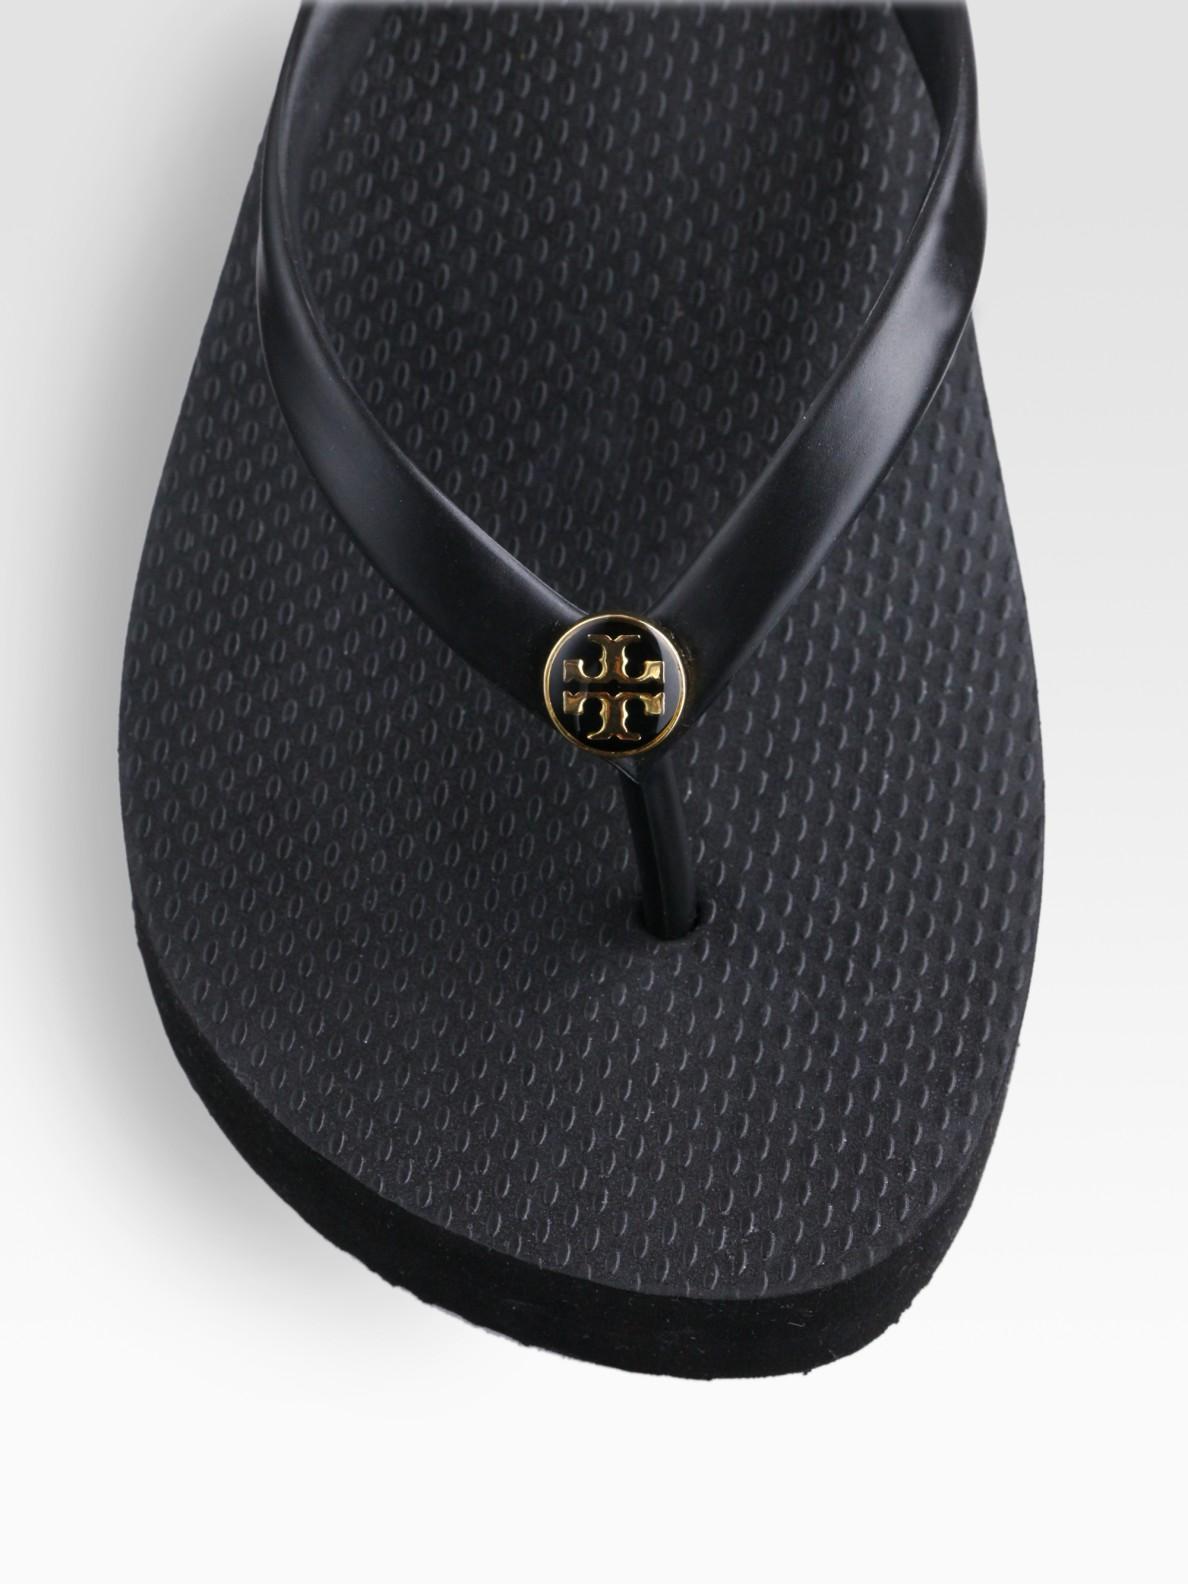 cbf8f2af3a53 Lyst - Tory Burch Logo Thong Flip Flops in Black